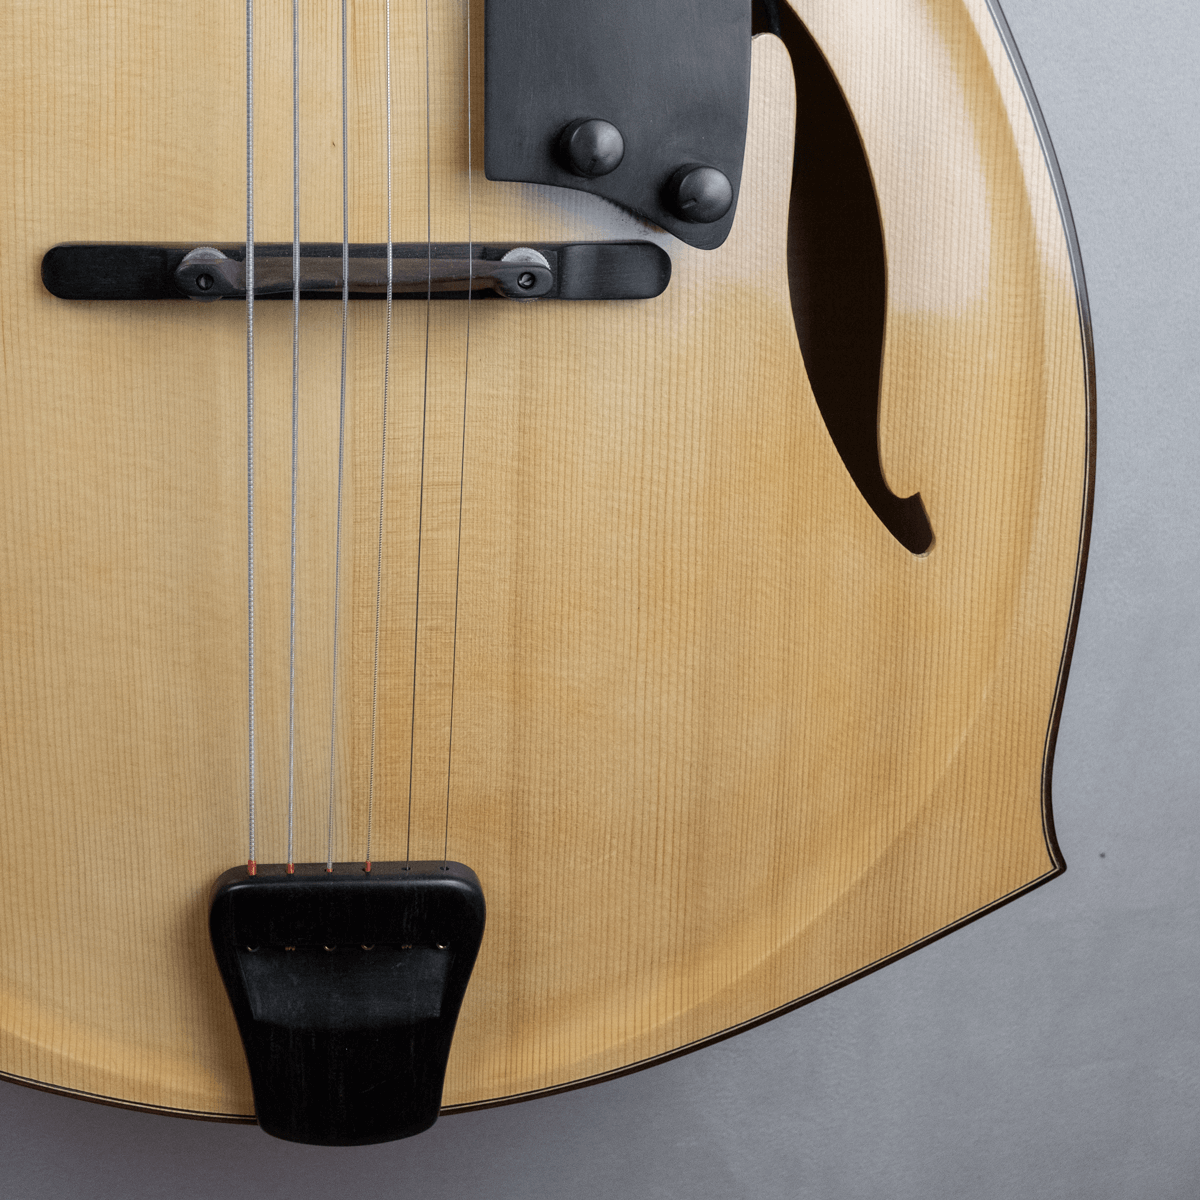 guitar jazz 5 fhole hole